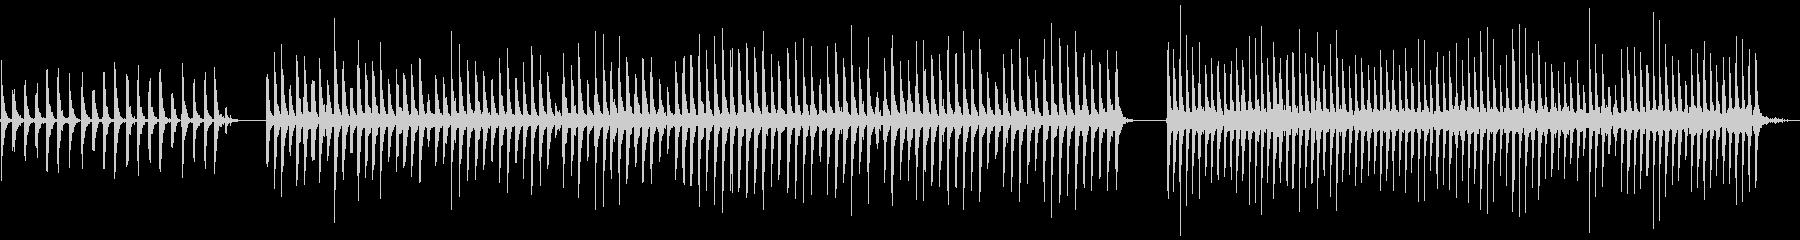 タンブリン、メタル、ジングルベル、...の未再生の波形